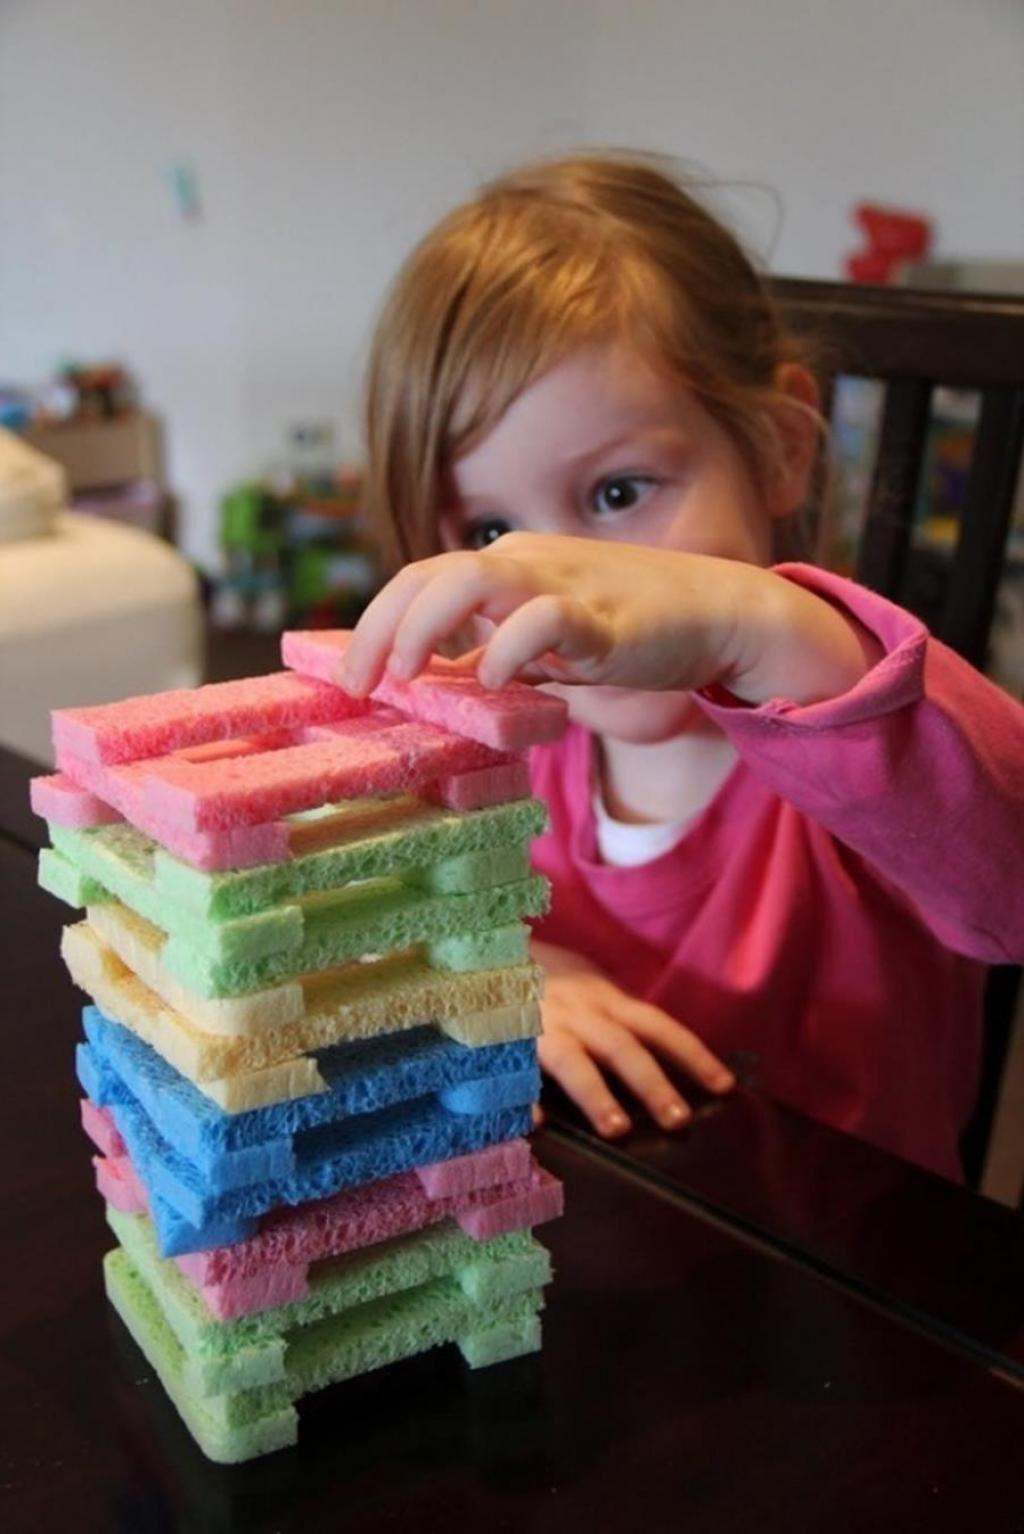 48 idées pour divertir les enfants à la maison pendant le verrouillage du coronavirus